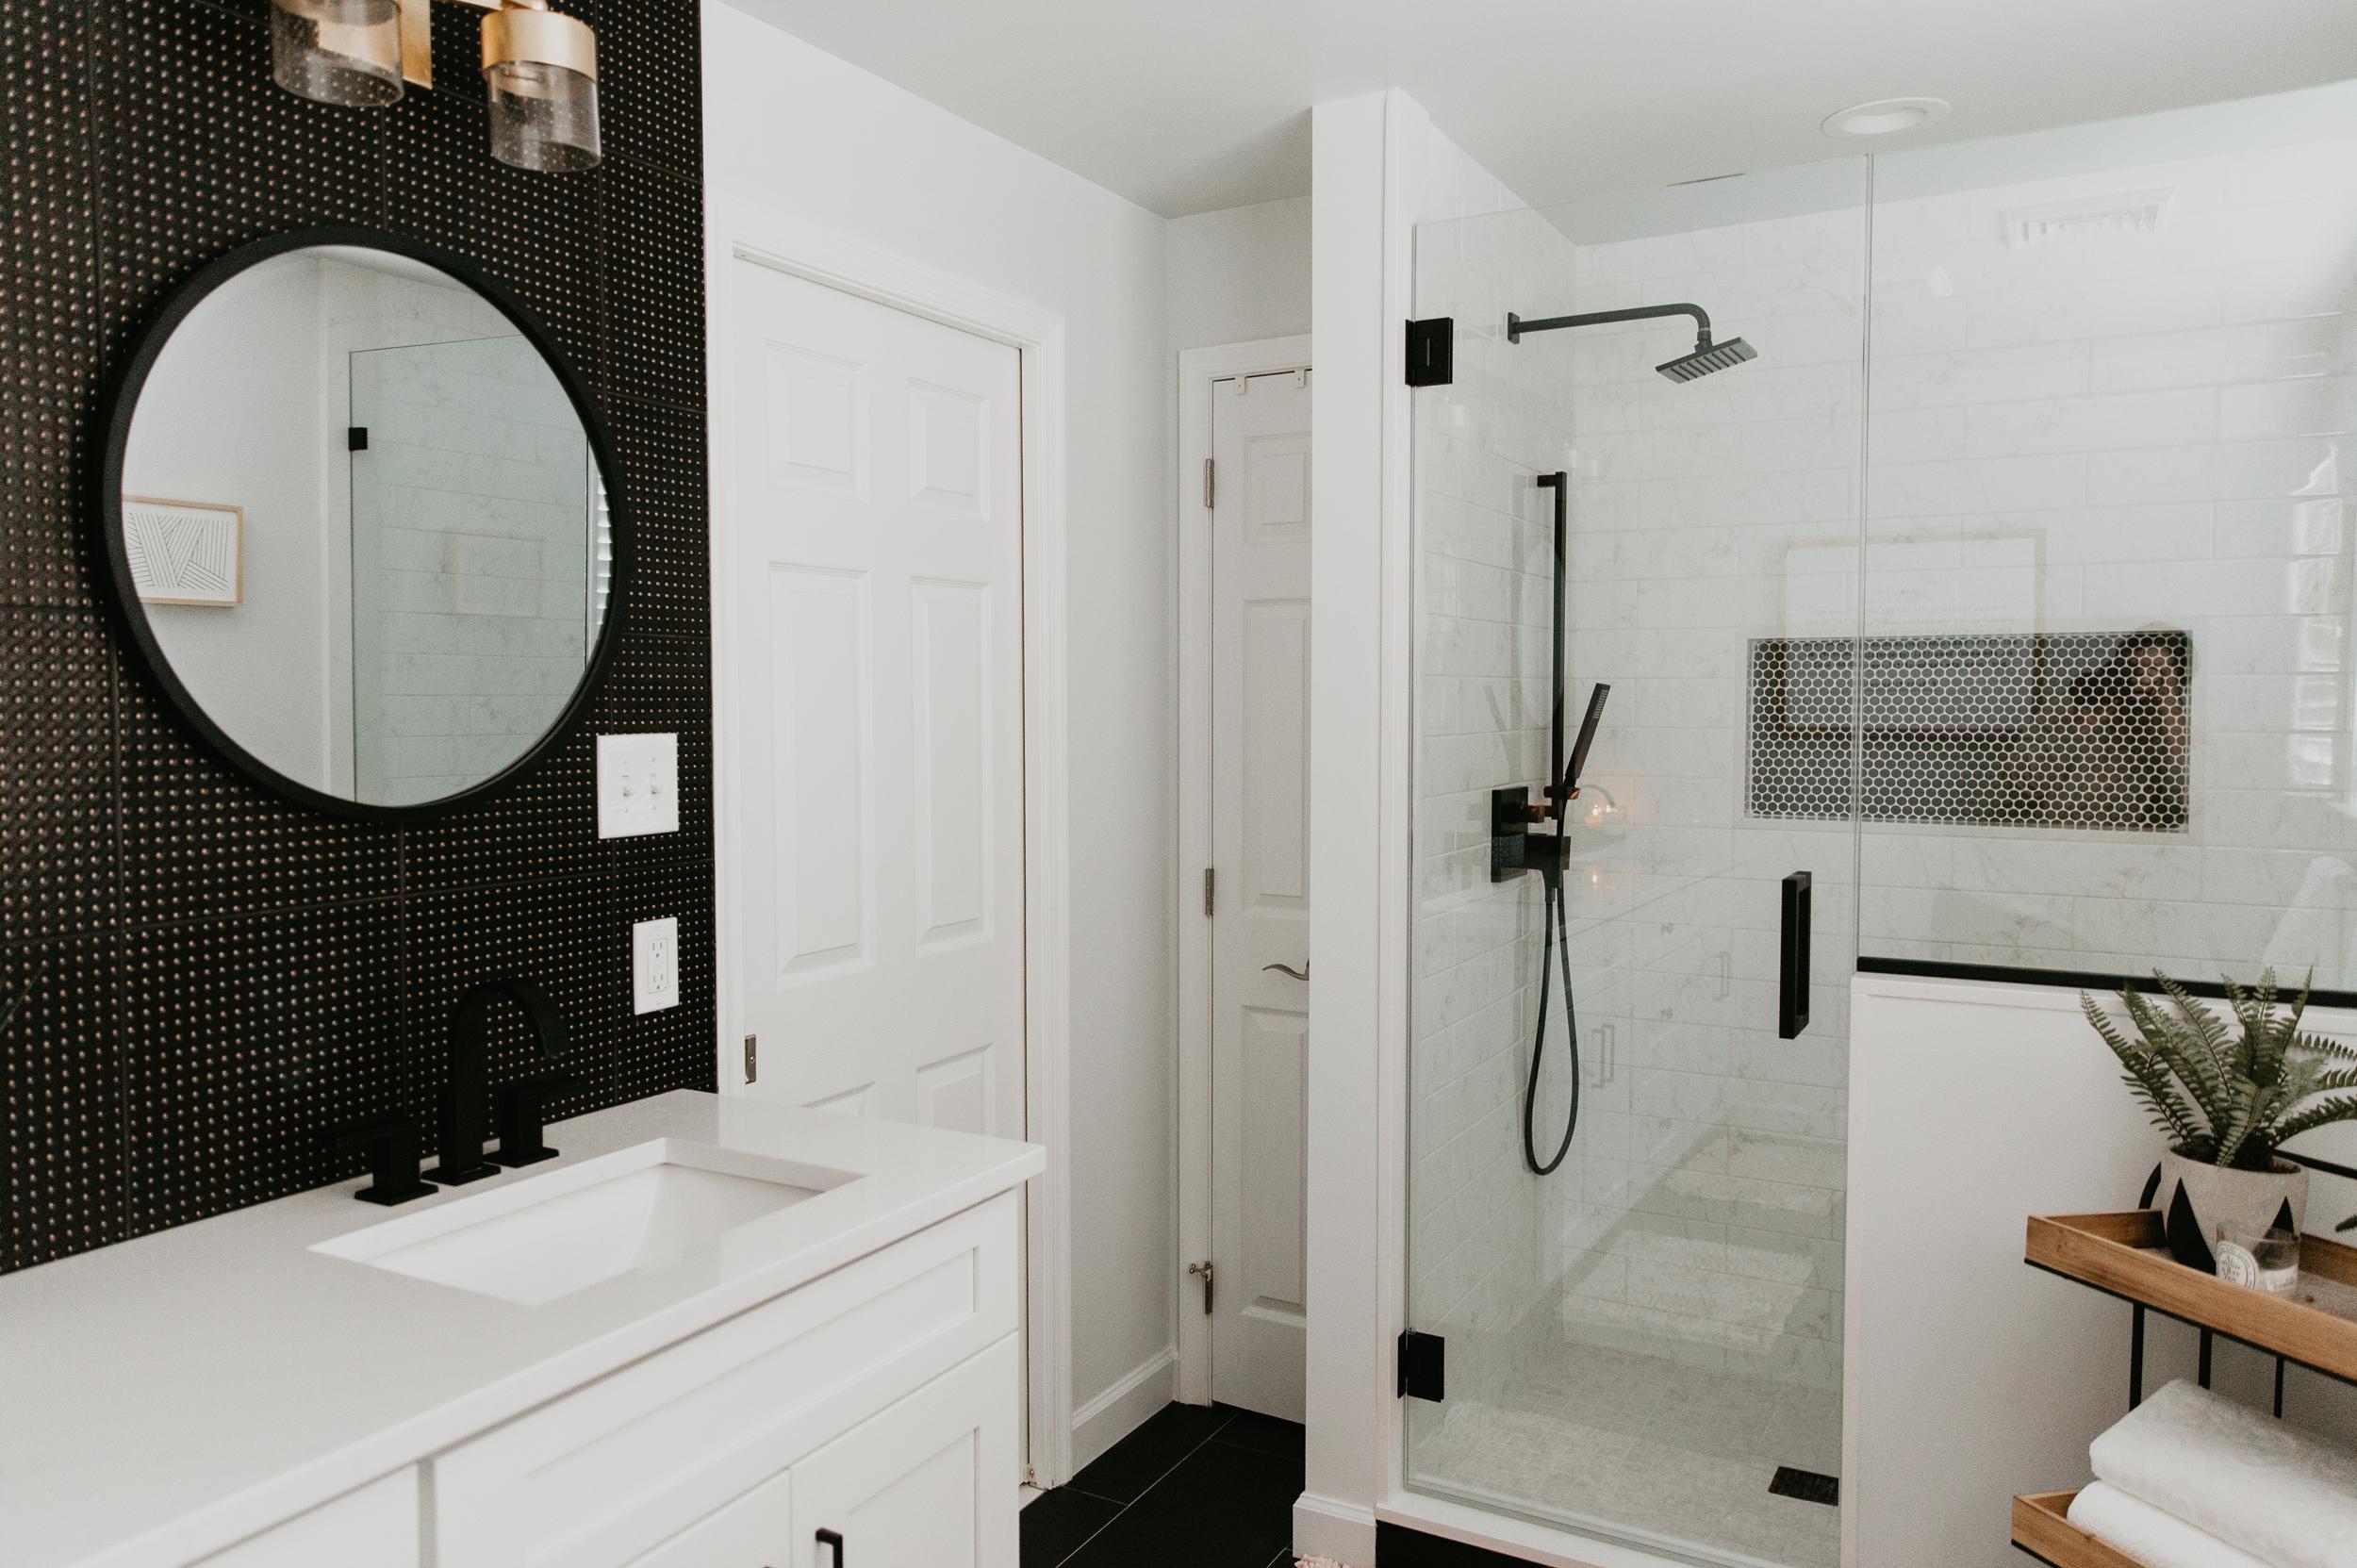 McCarthy Bathroom Design